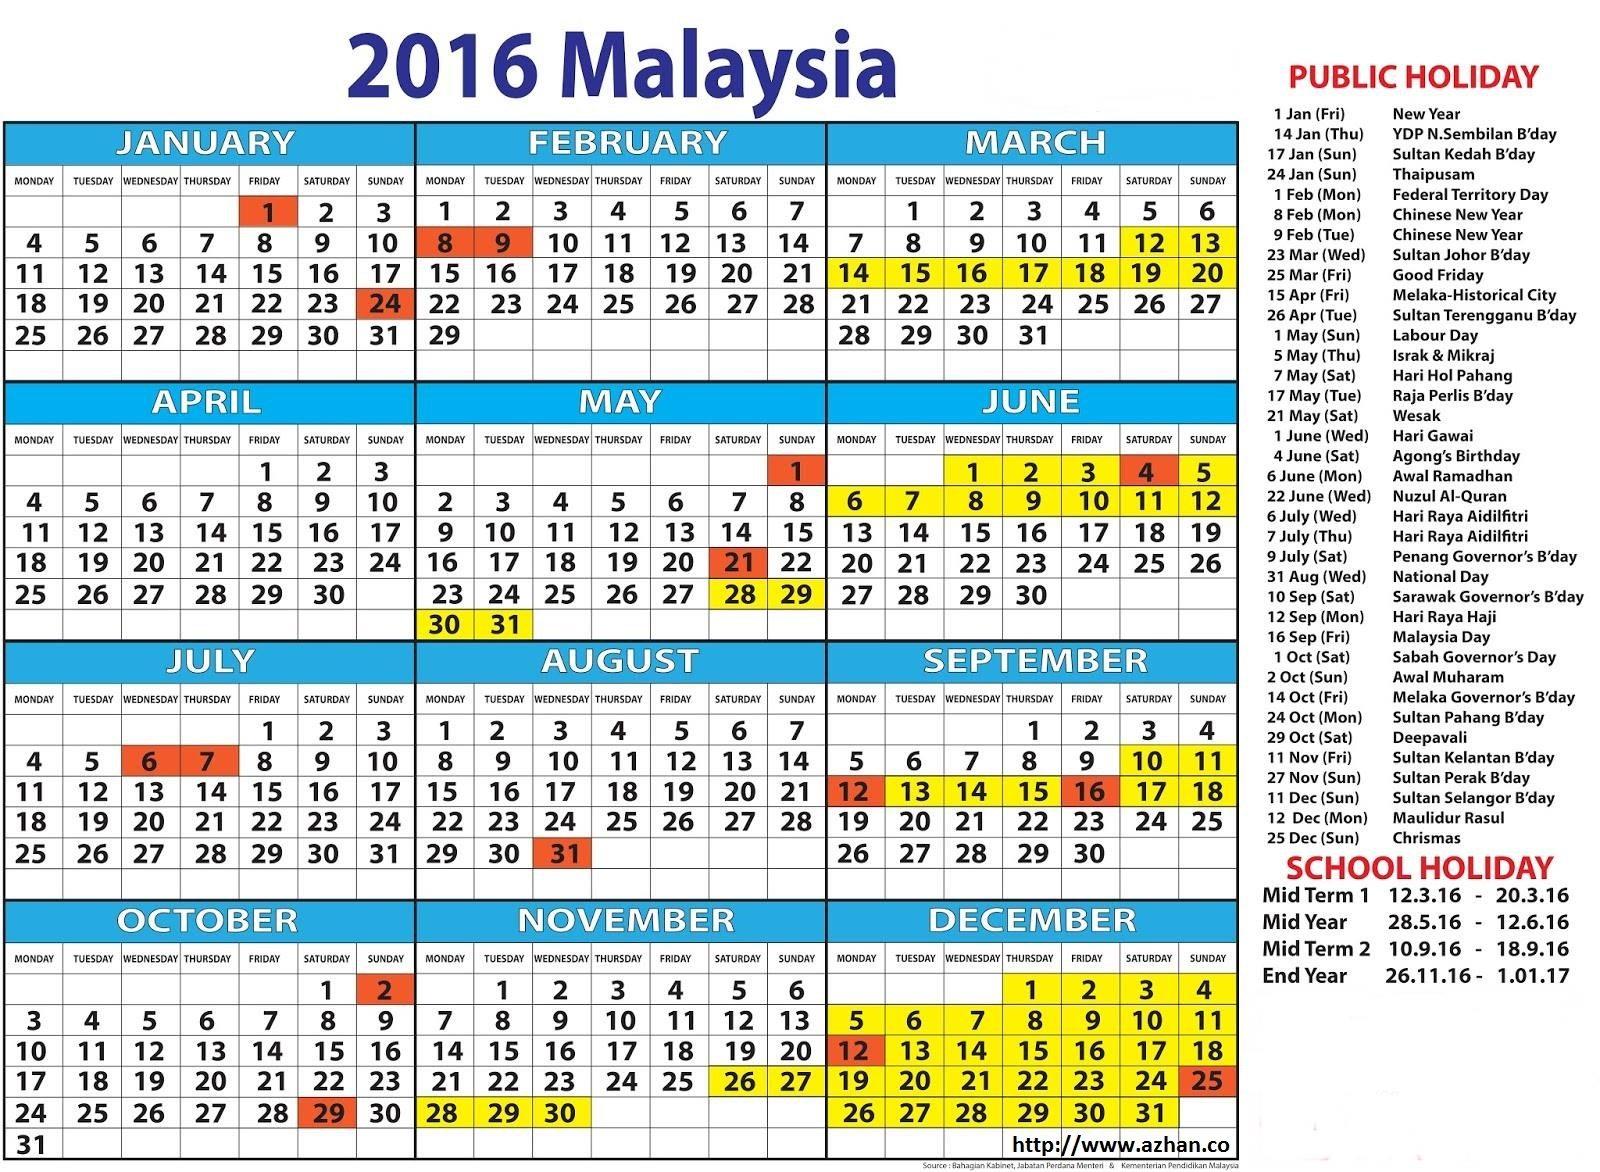 Kalendar cuti umum dan cuti sekolah tahun 2016